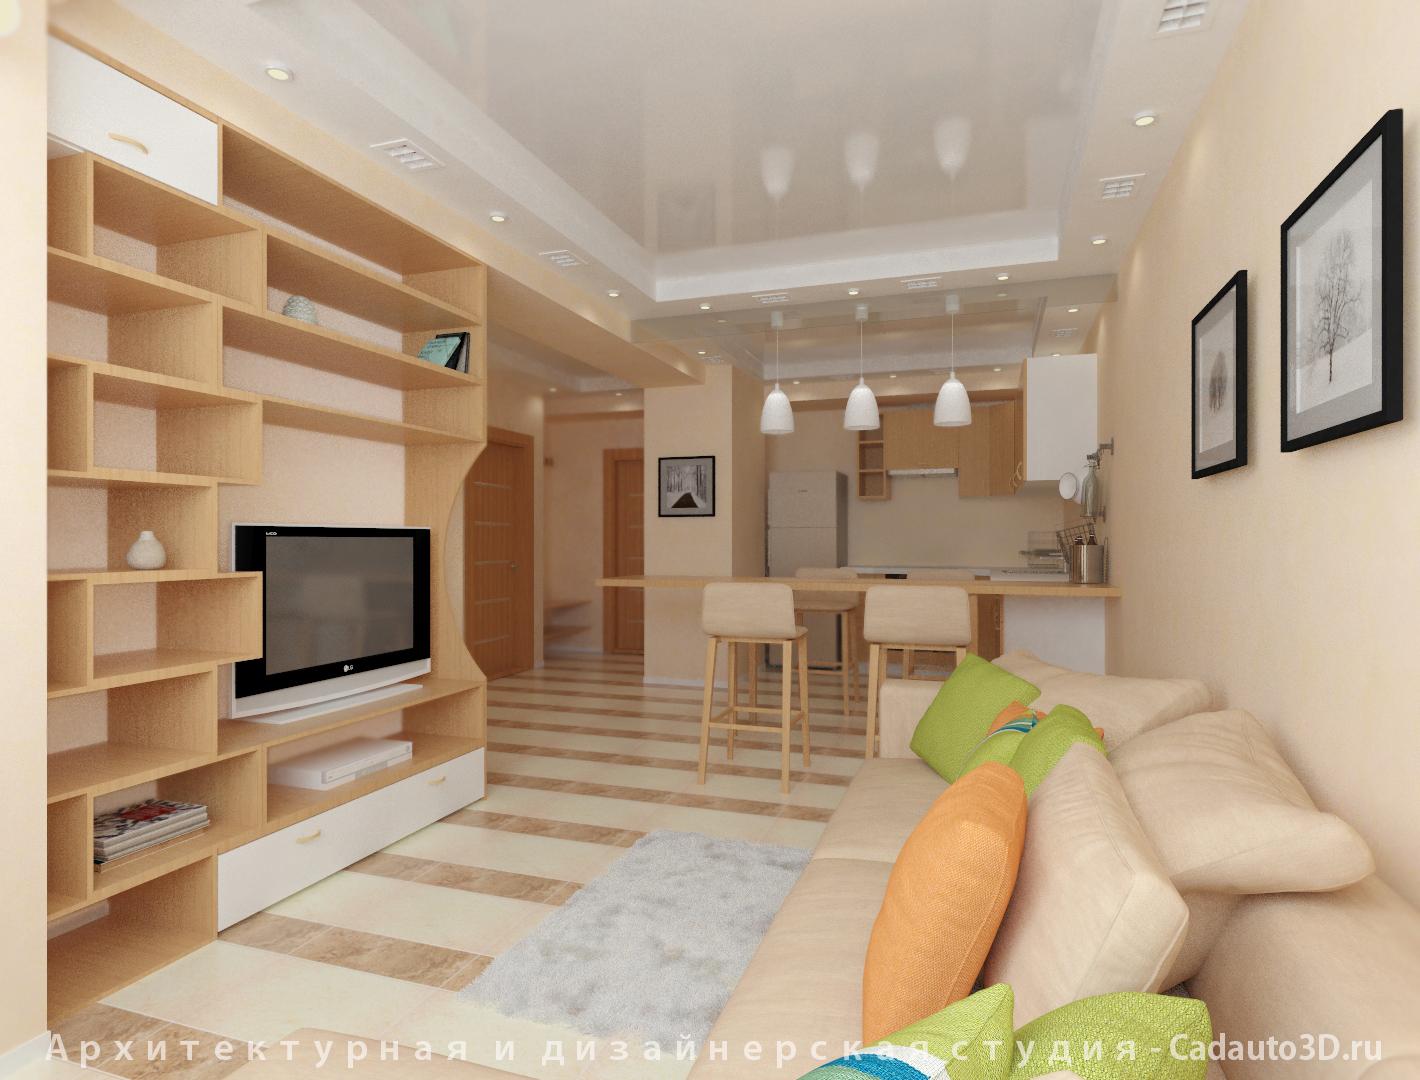 Архитектурная  и  дизайнерская студия  -  Cadauto3D.ru